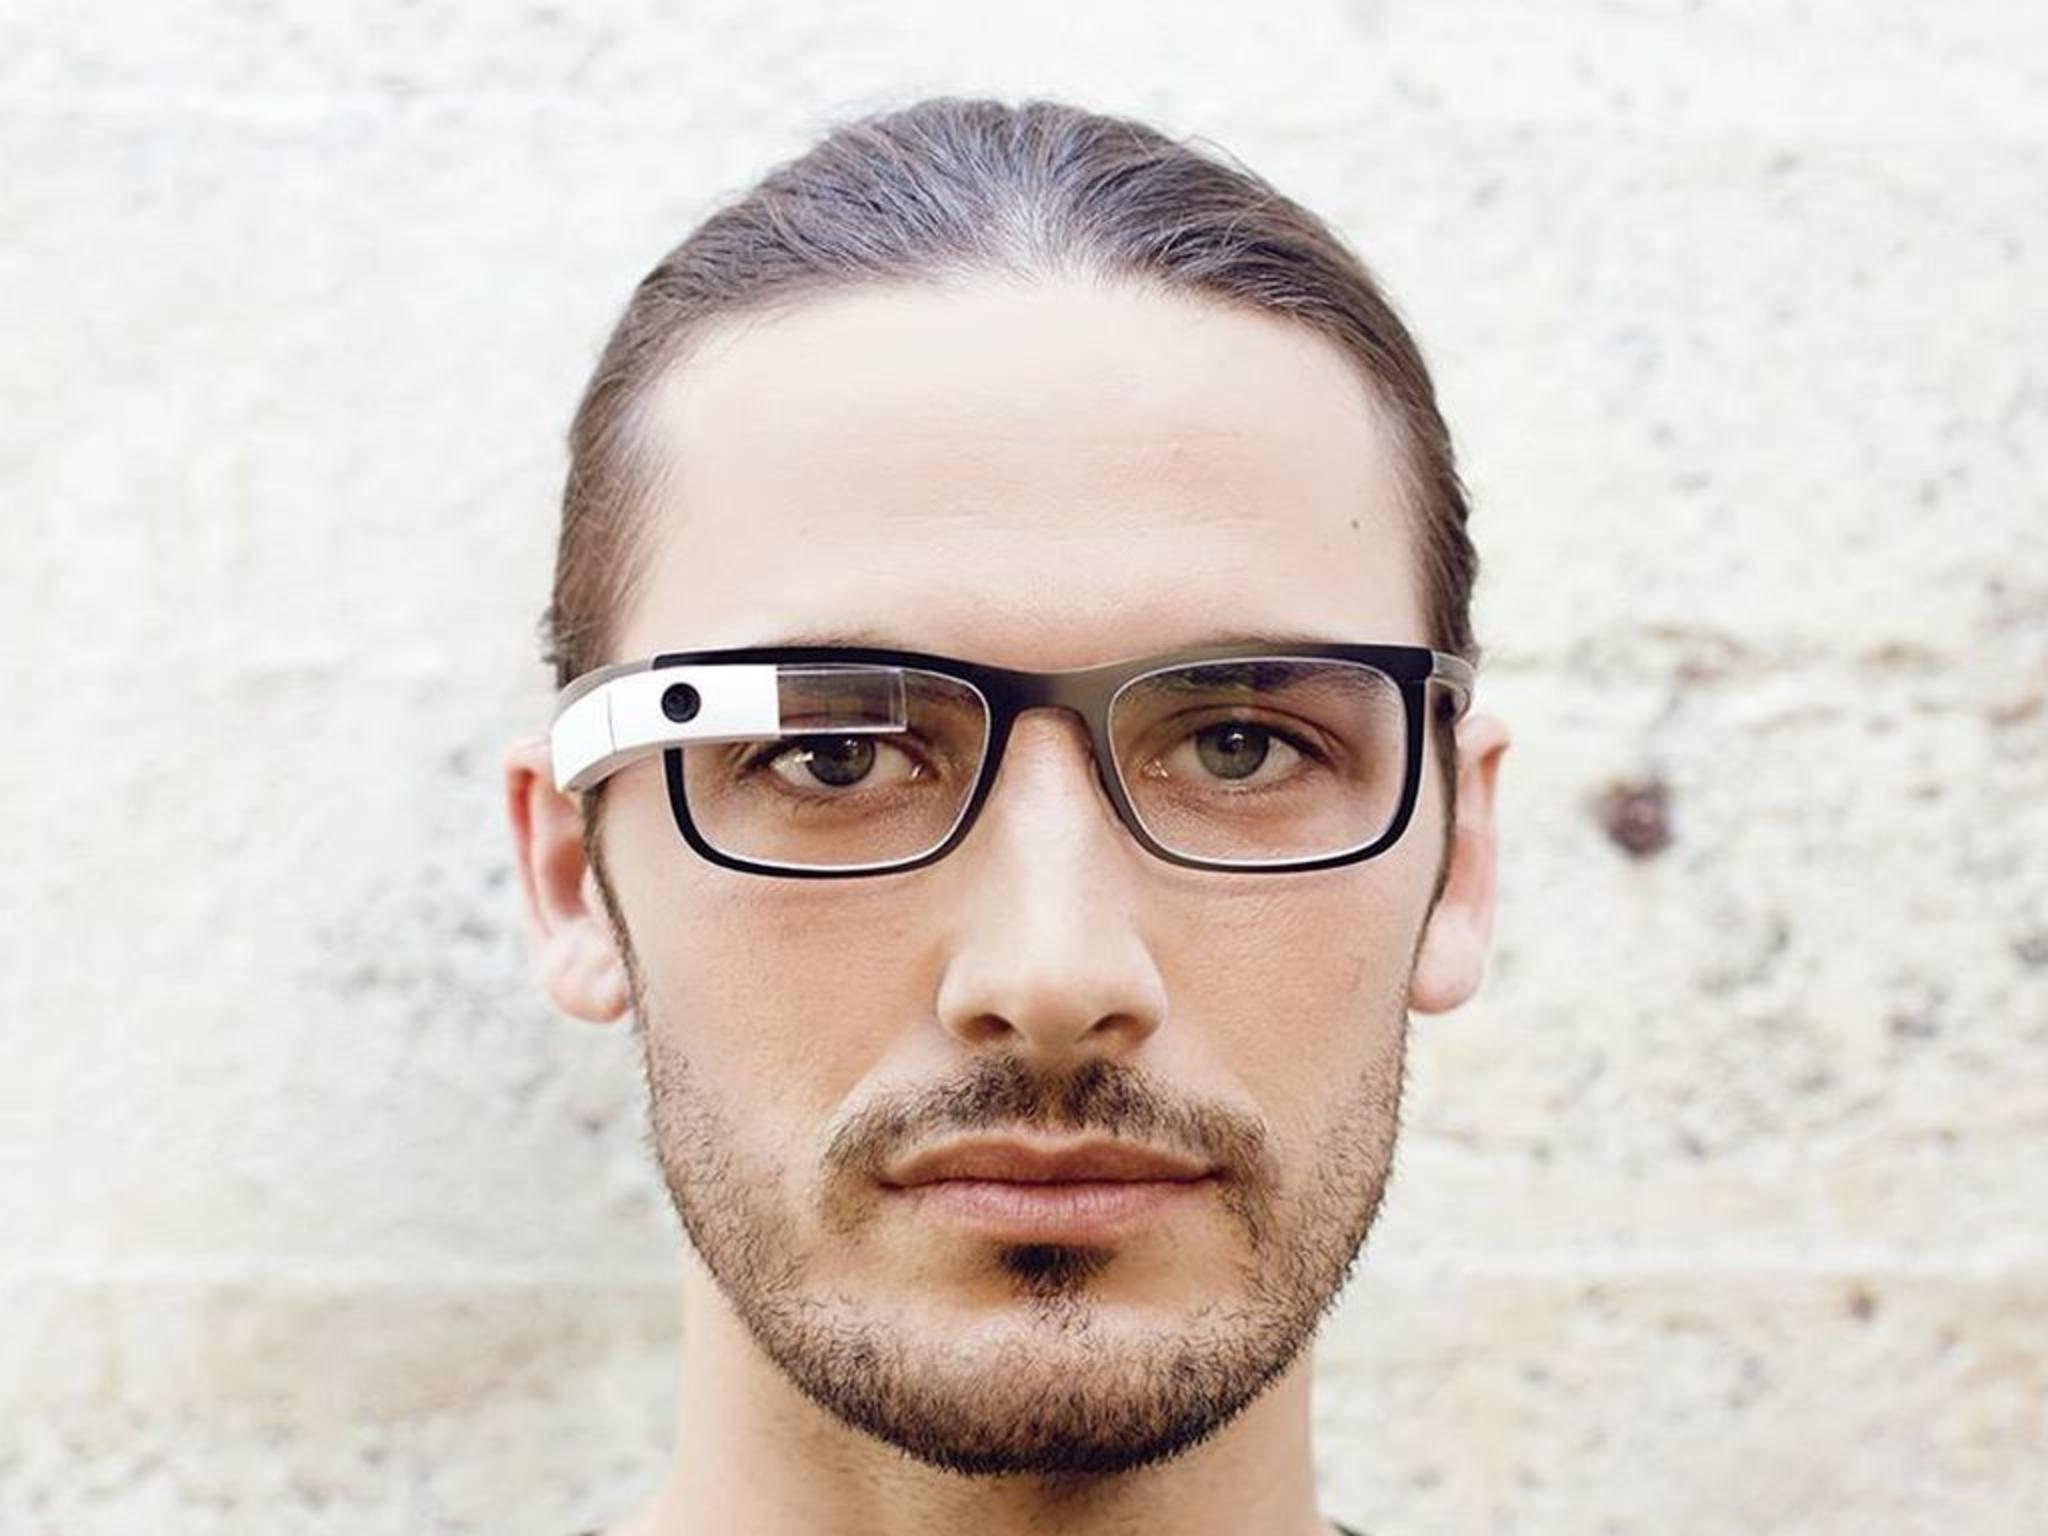 Die erste Version der Google Glass war noch nicht zusammenklappbar.